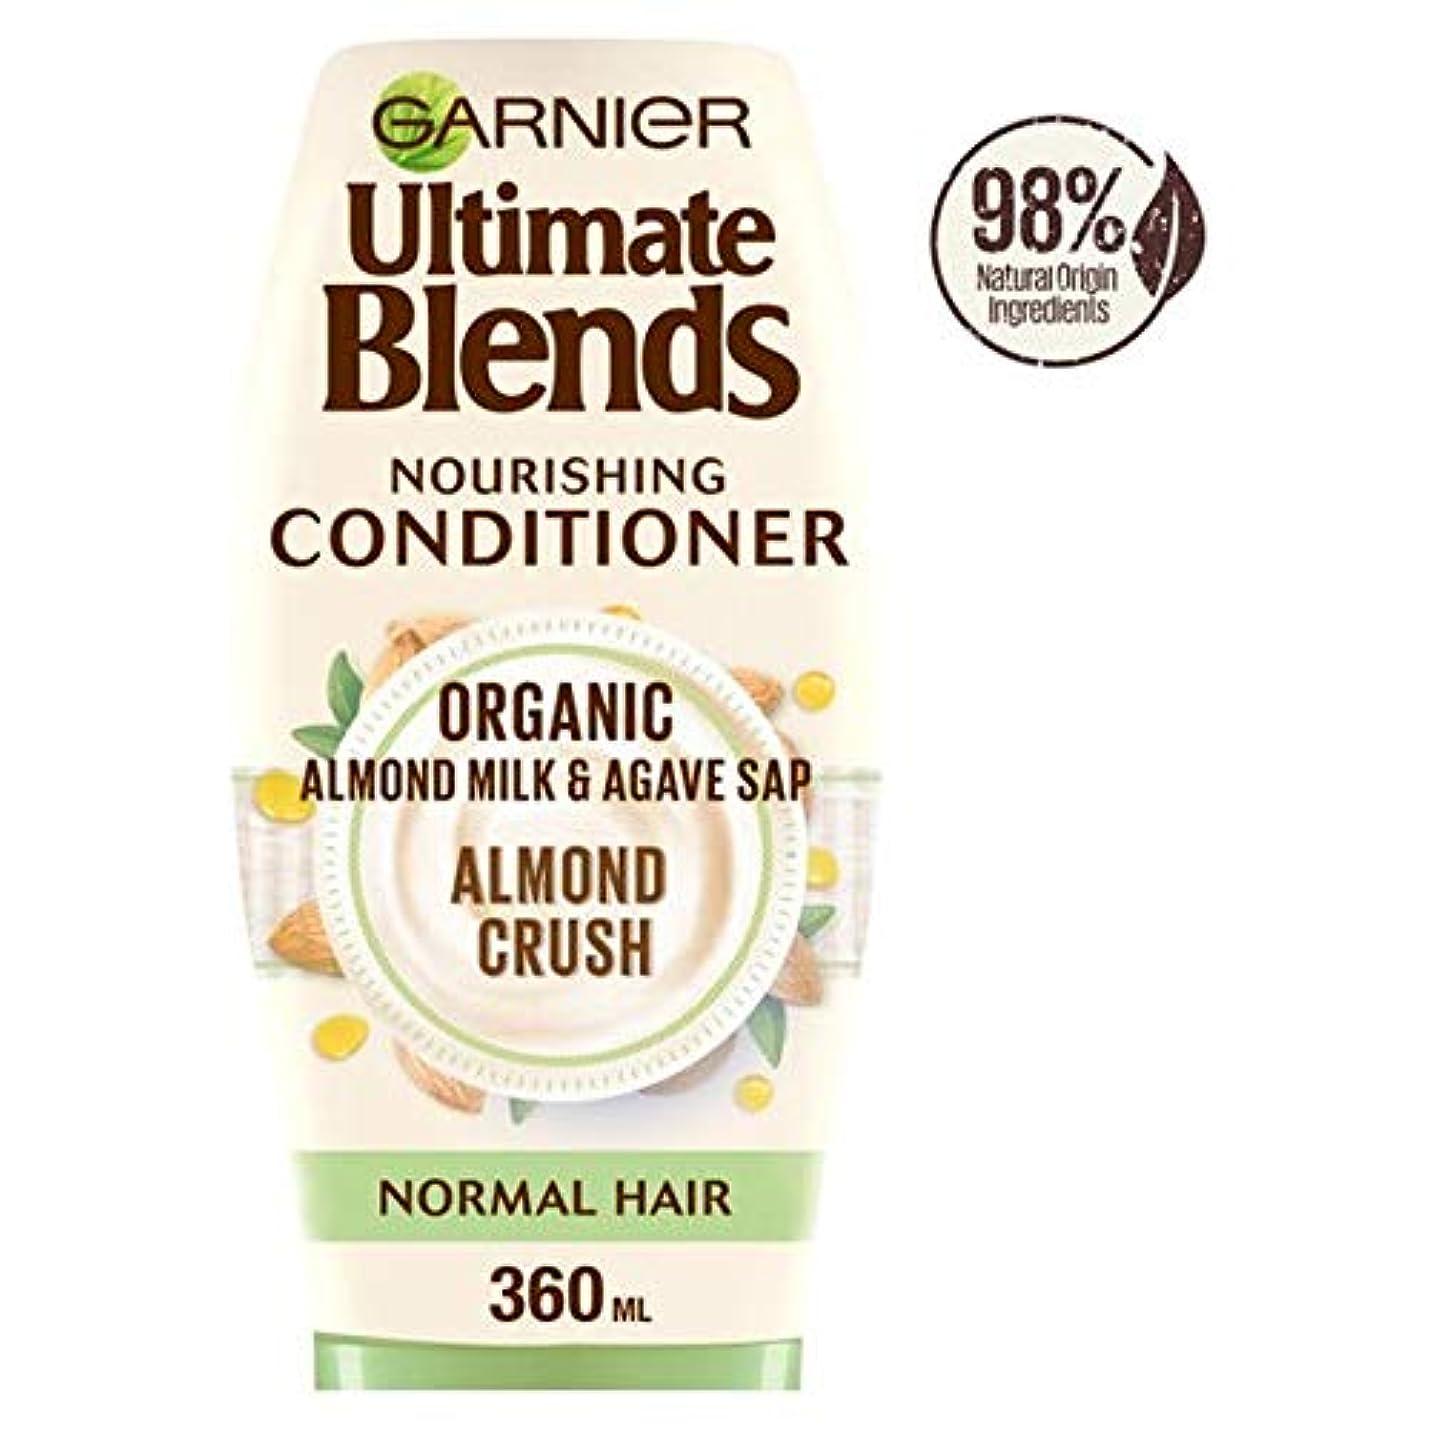 終わらせる関連する落ち込んでいる[Ultimate Blends ] ガルニエ究極は、アーモンドミルク、通常のヘアコンディショナー360ミリリットルをブレンド - Garnier Ultimate Blends Almond Milk Normal Hair...